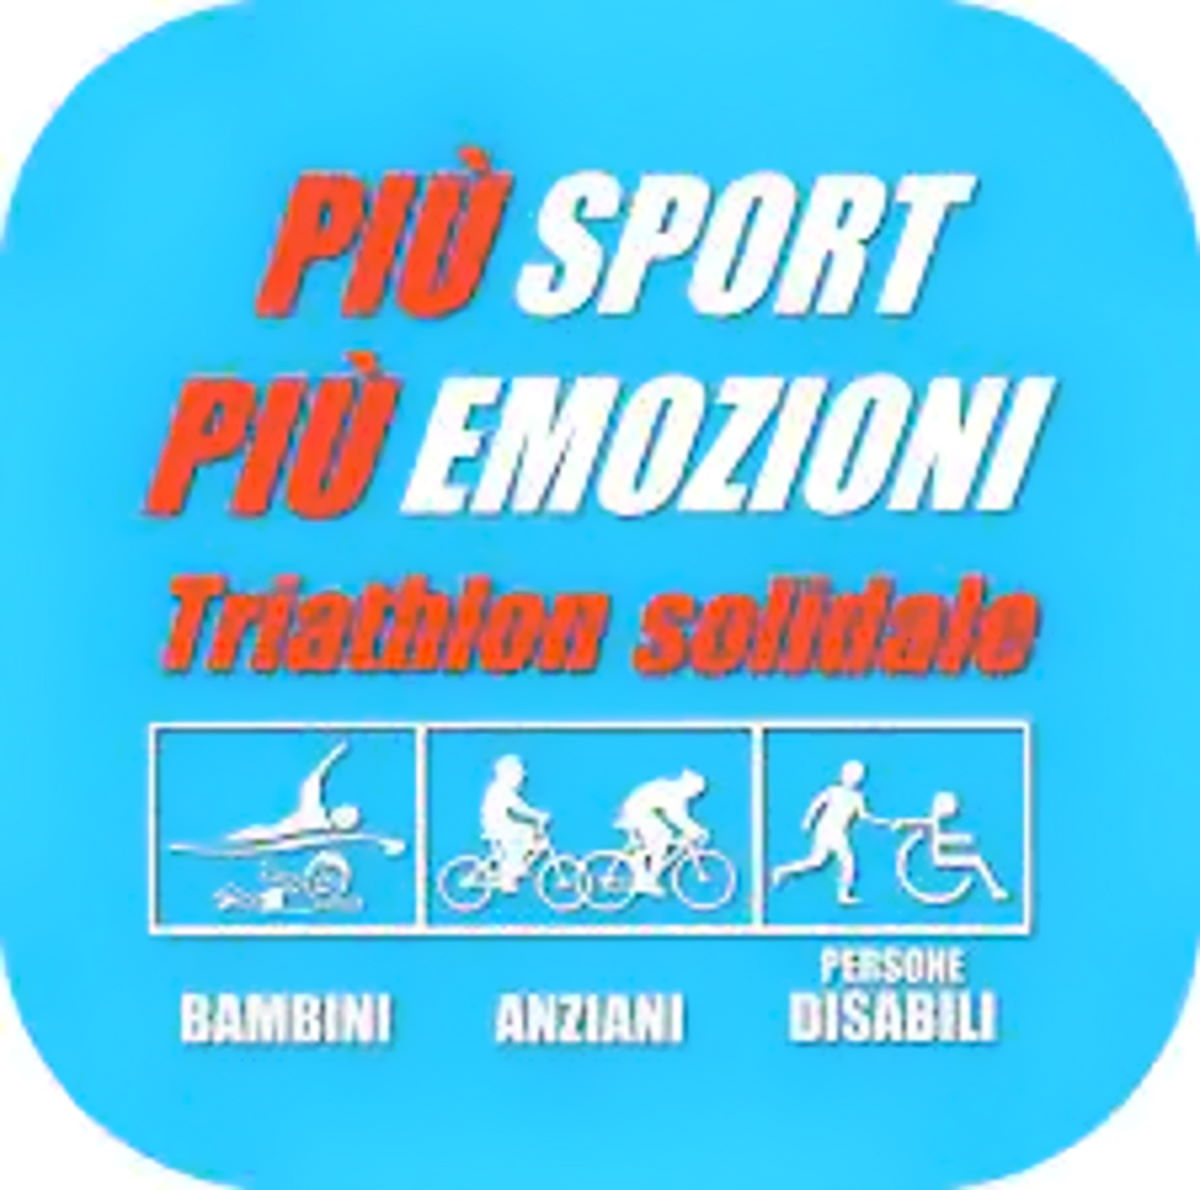 Il triathlon solidale a Metaponto con gli Amici del Cuore di Matera